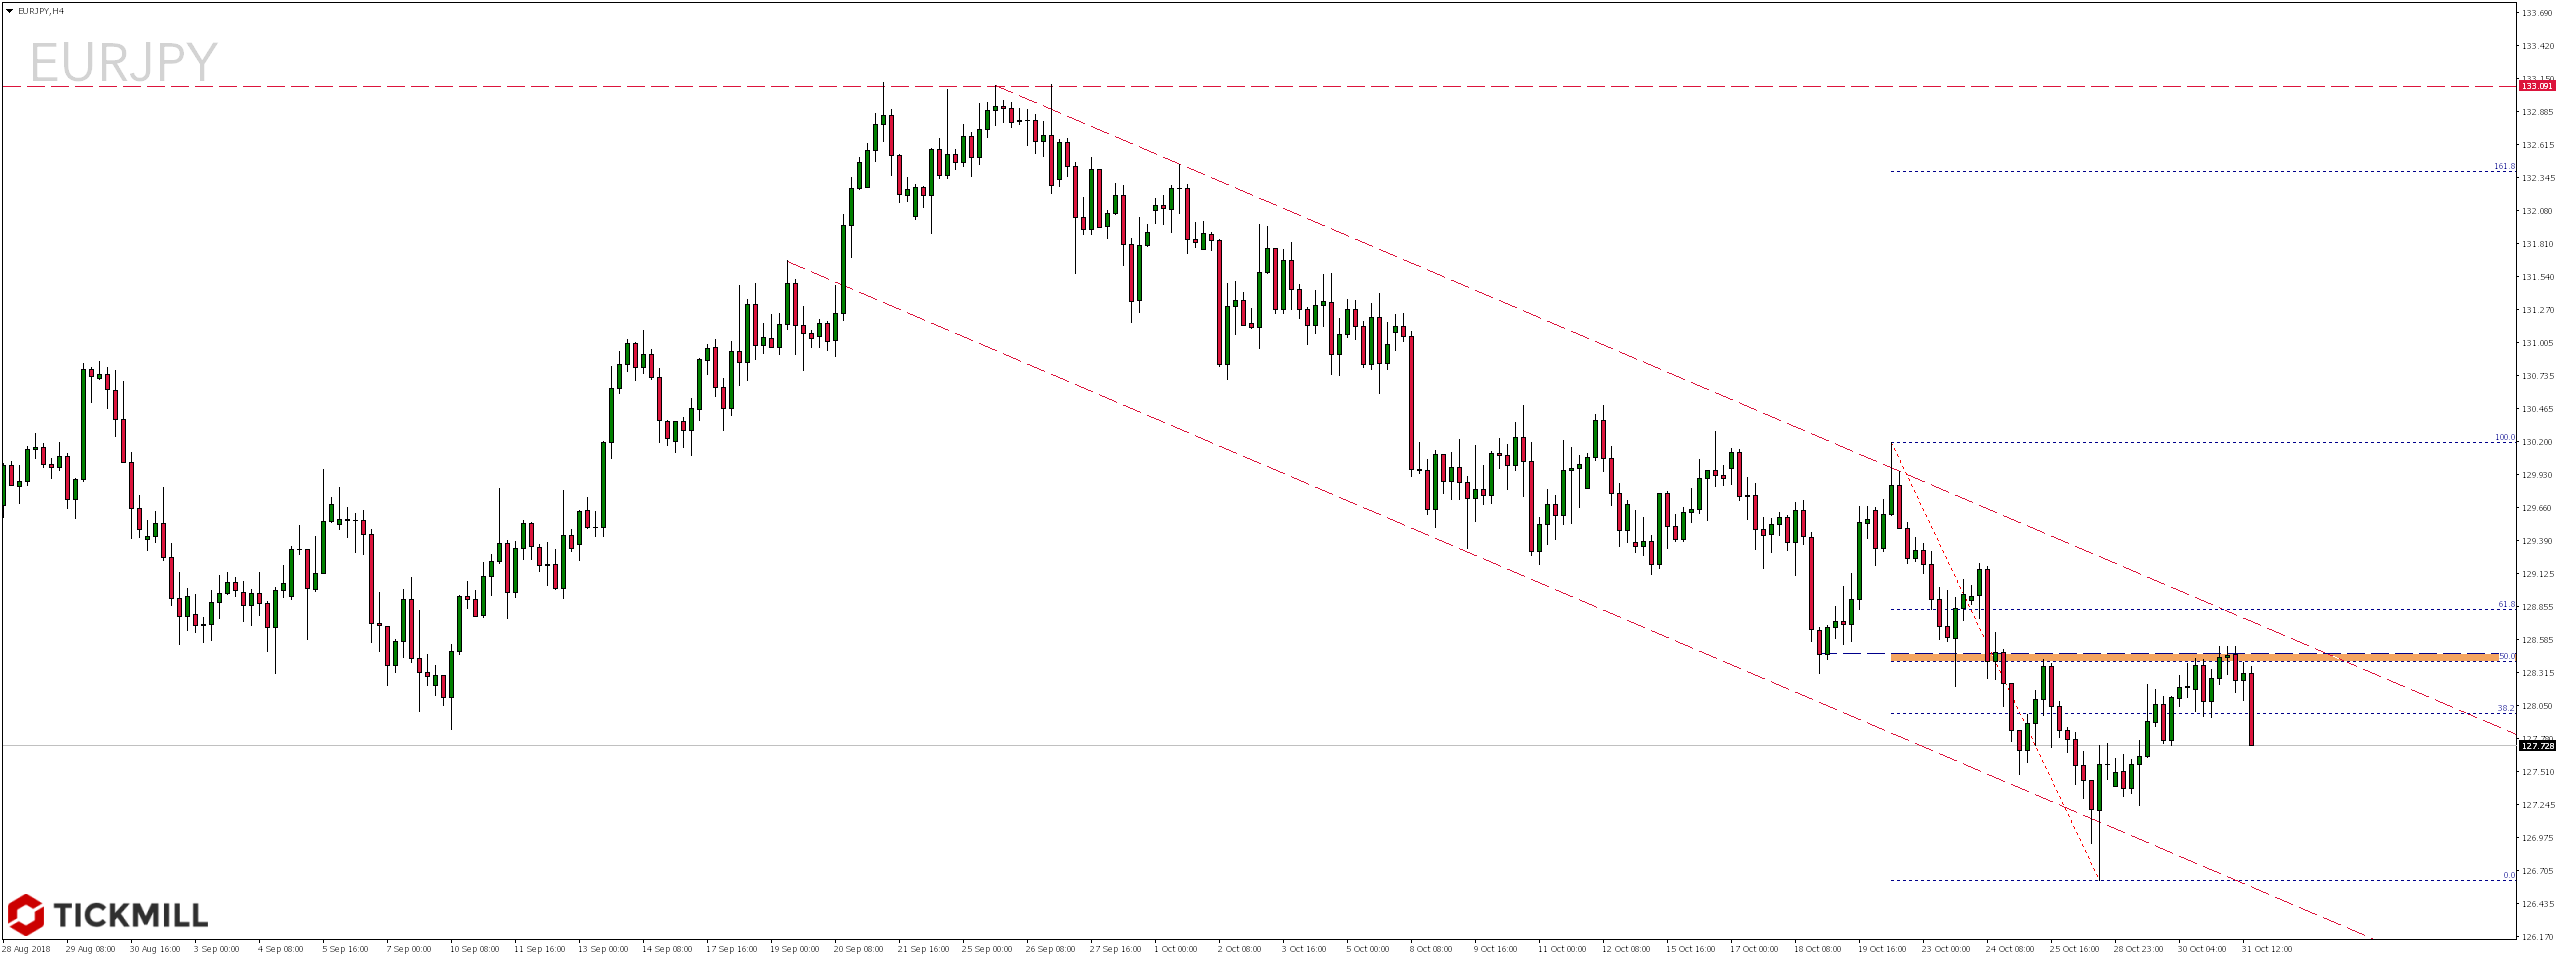 Najciekawsze setupy dnia – 31.10.2018 - notowania pary walutowej EURJPY